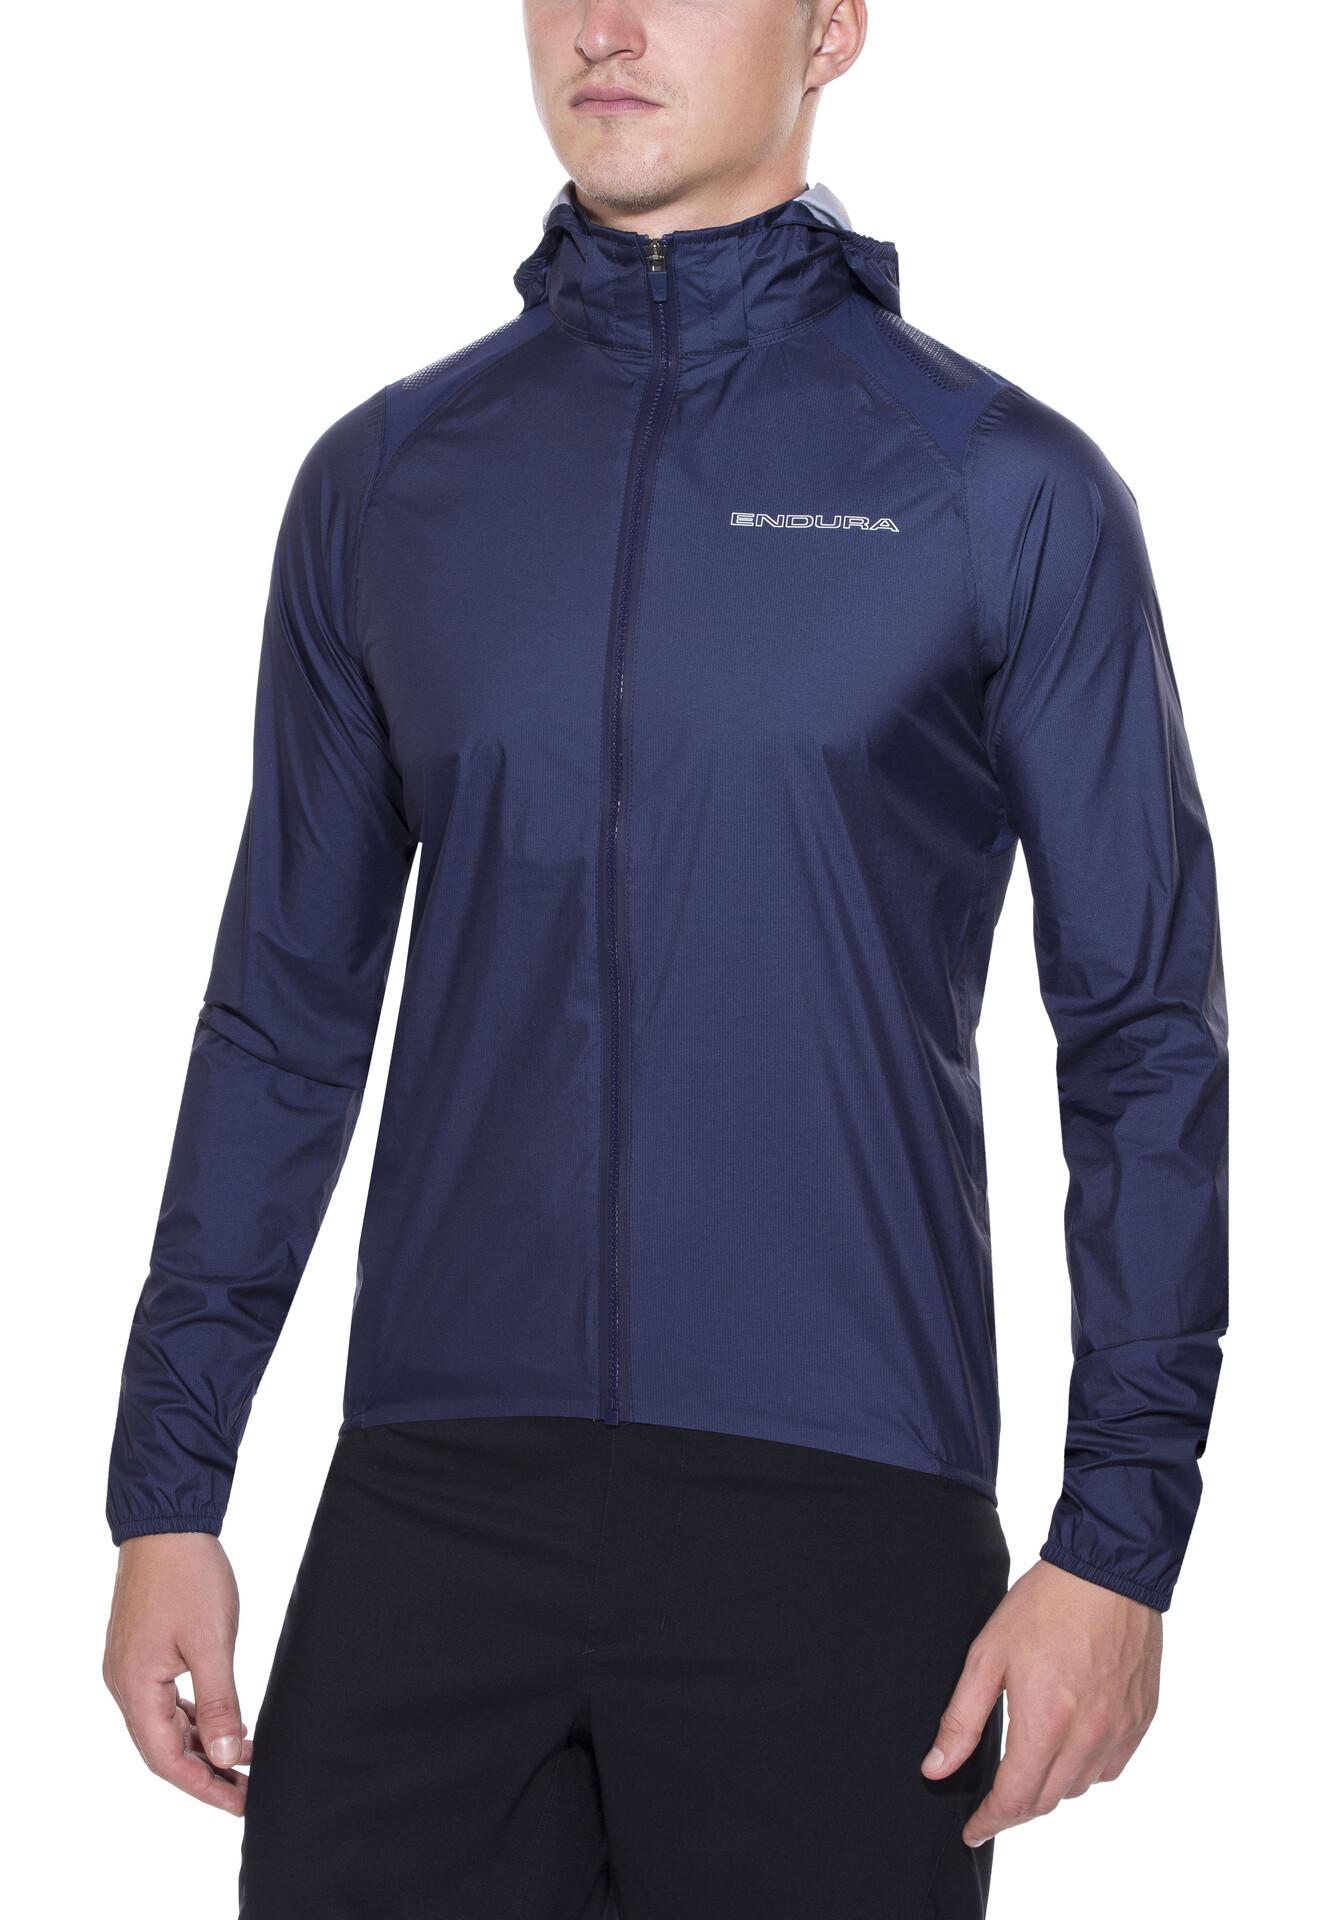 Endura Bleu De En Vélos Homme Boutique Veste Mtr Ligne wwRxFqAT7 57c6521c6d5